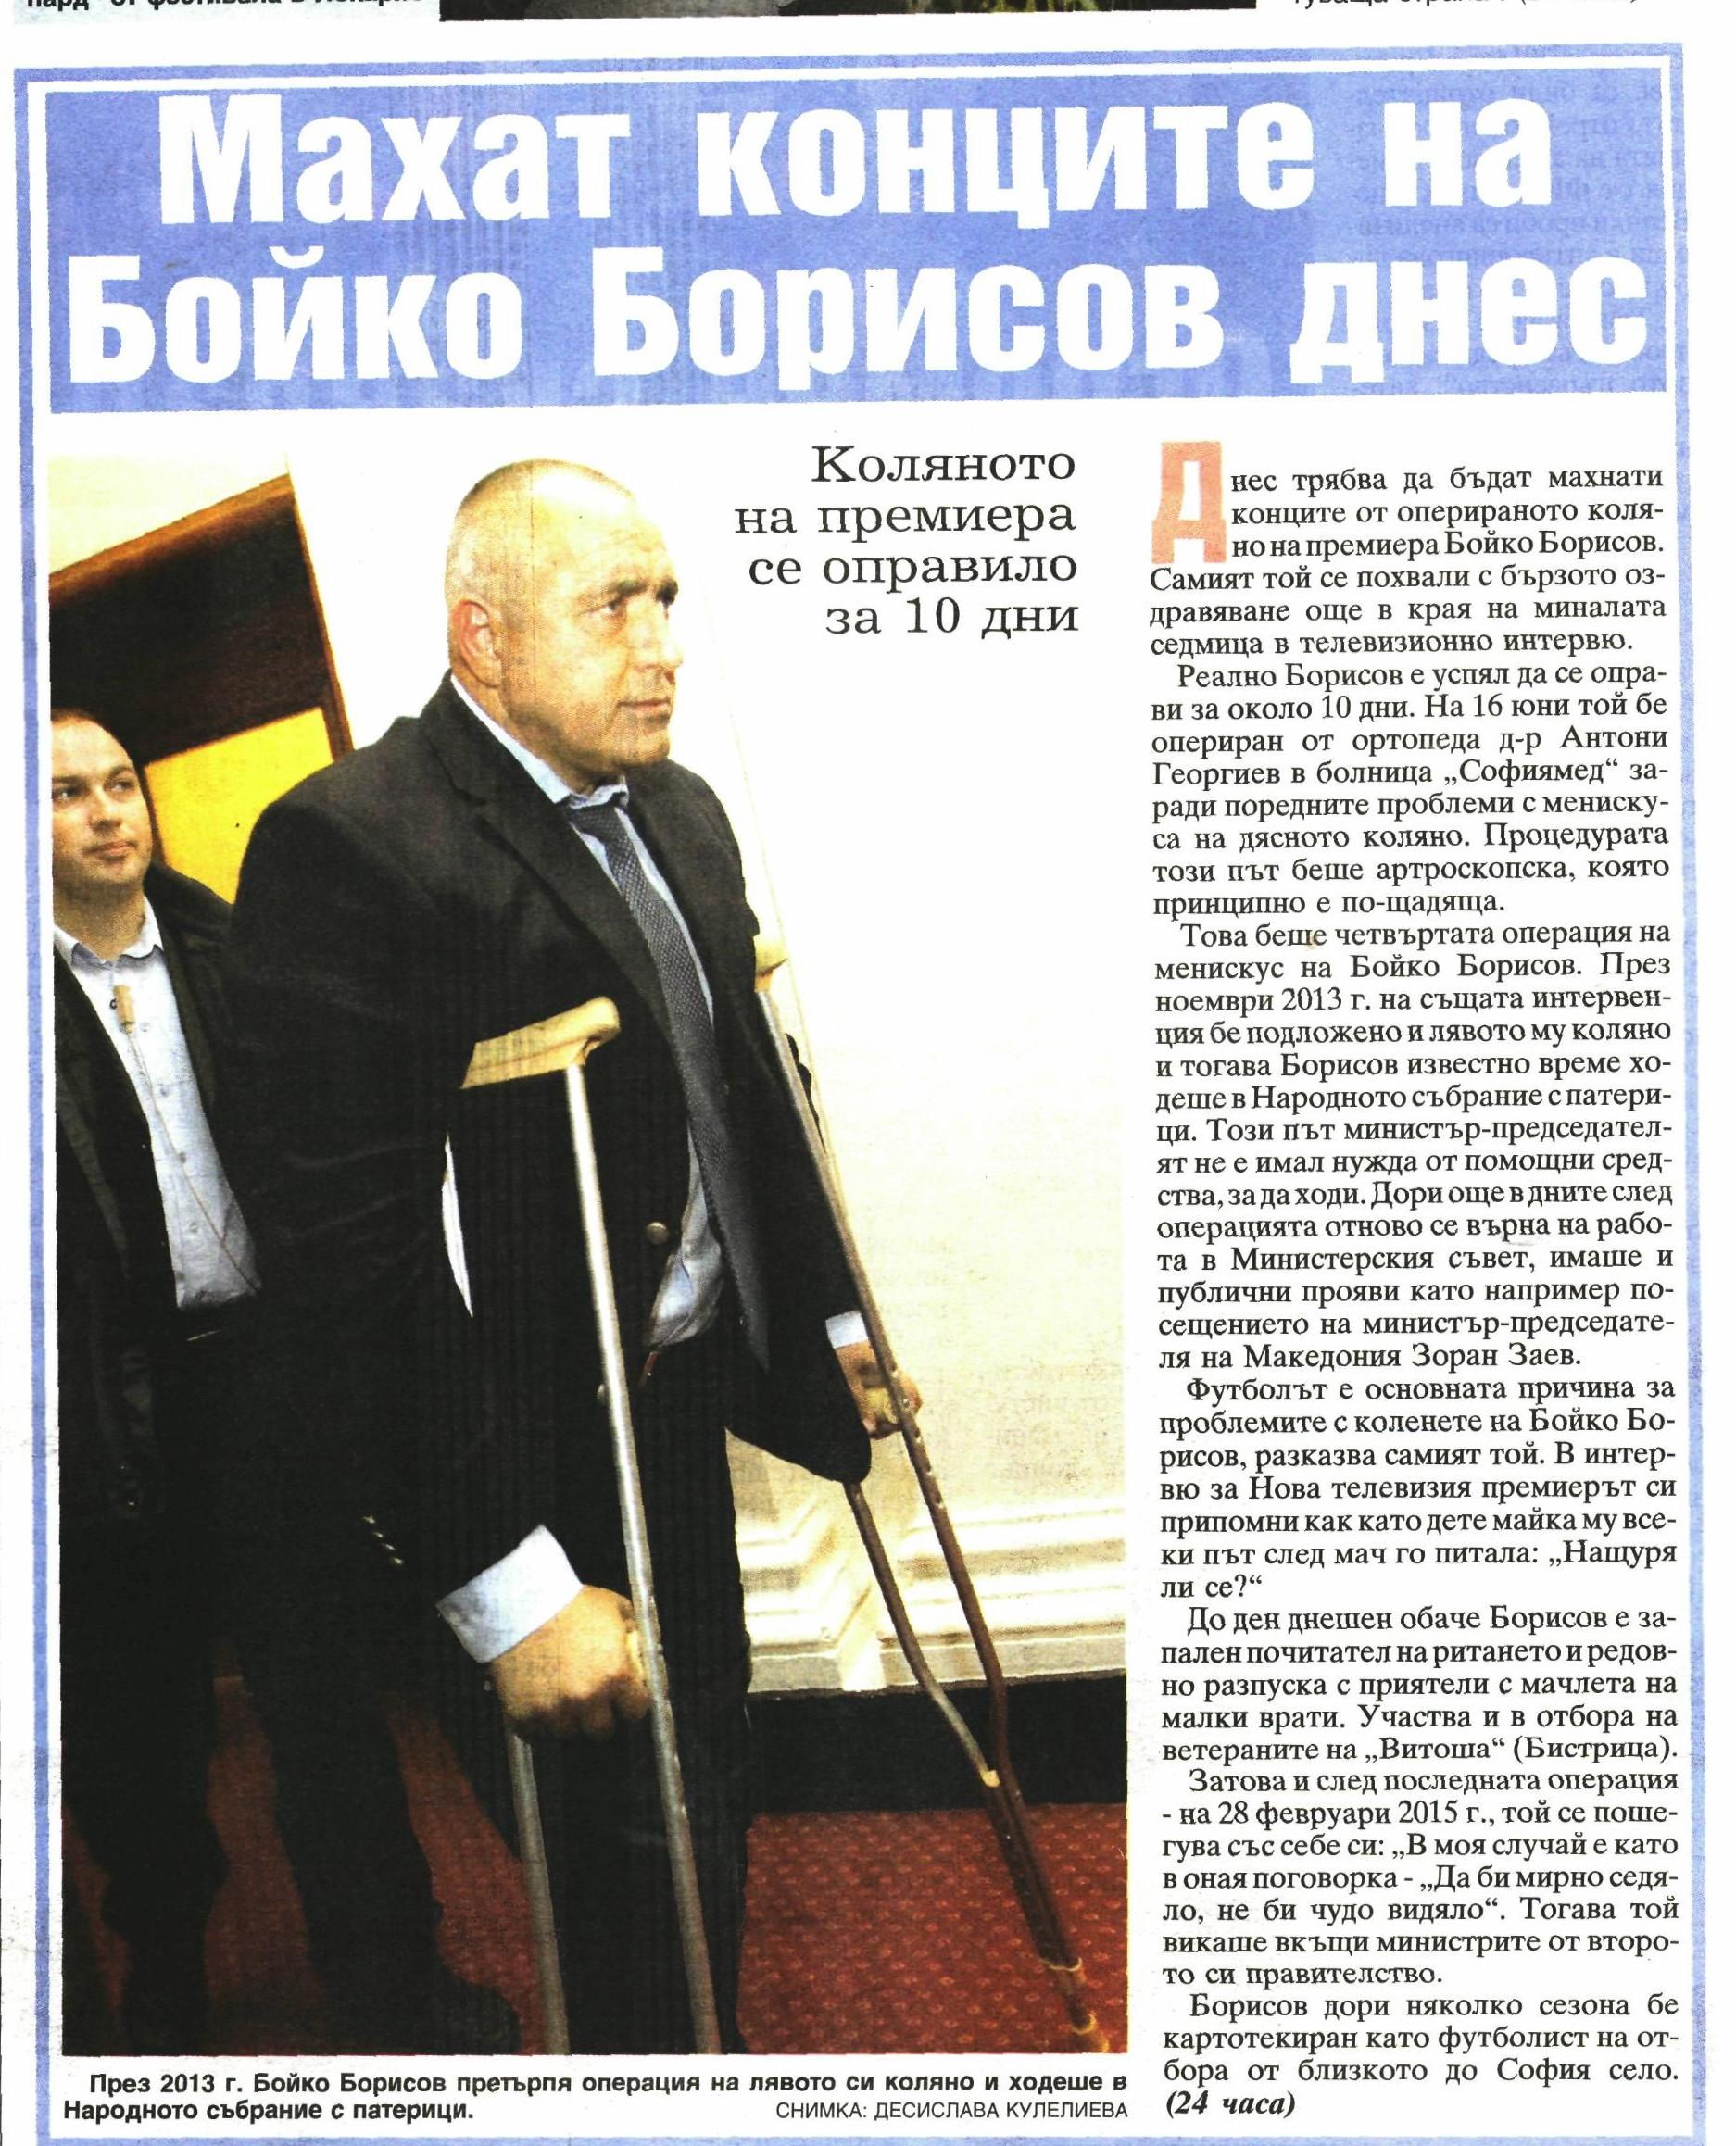 Махат конците на Бойко Борисов днес